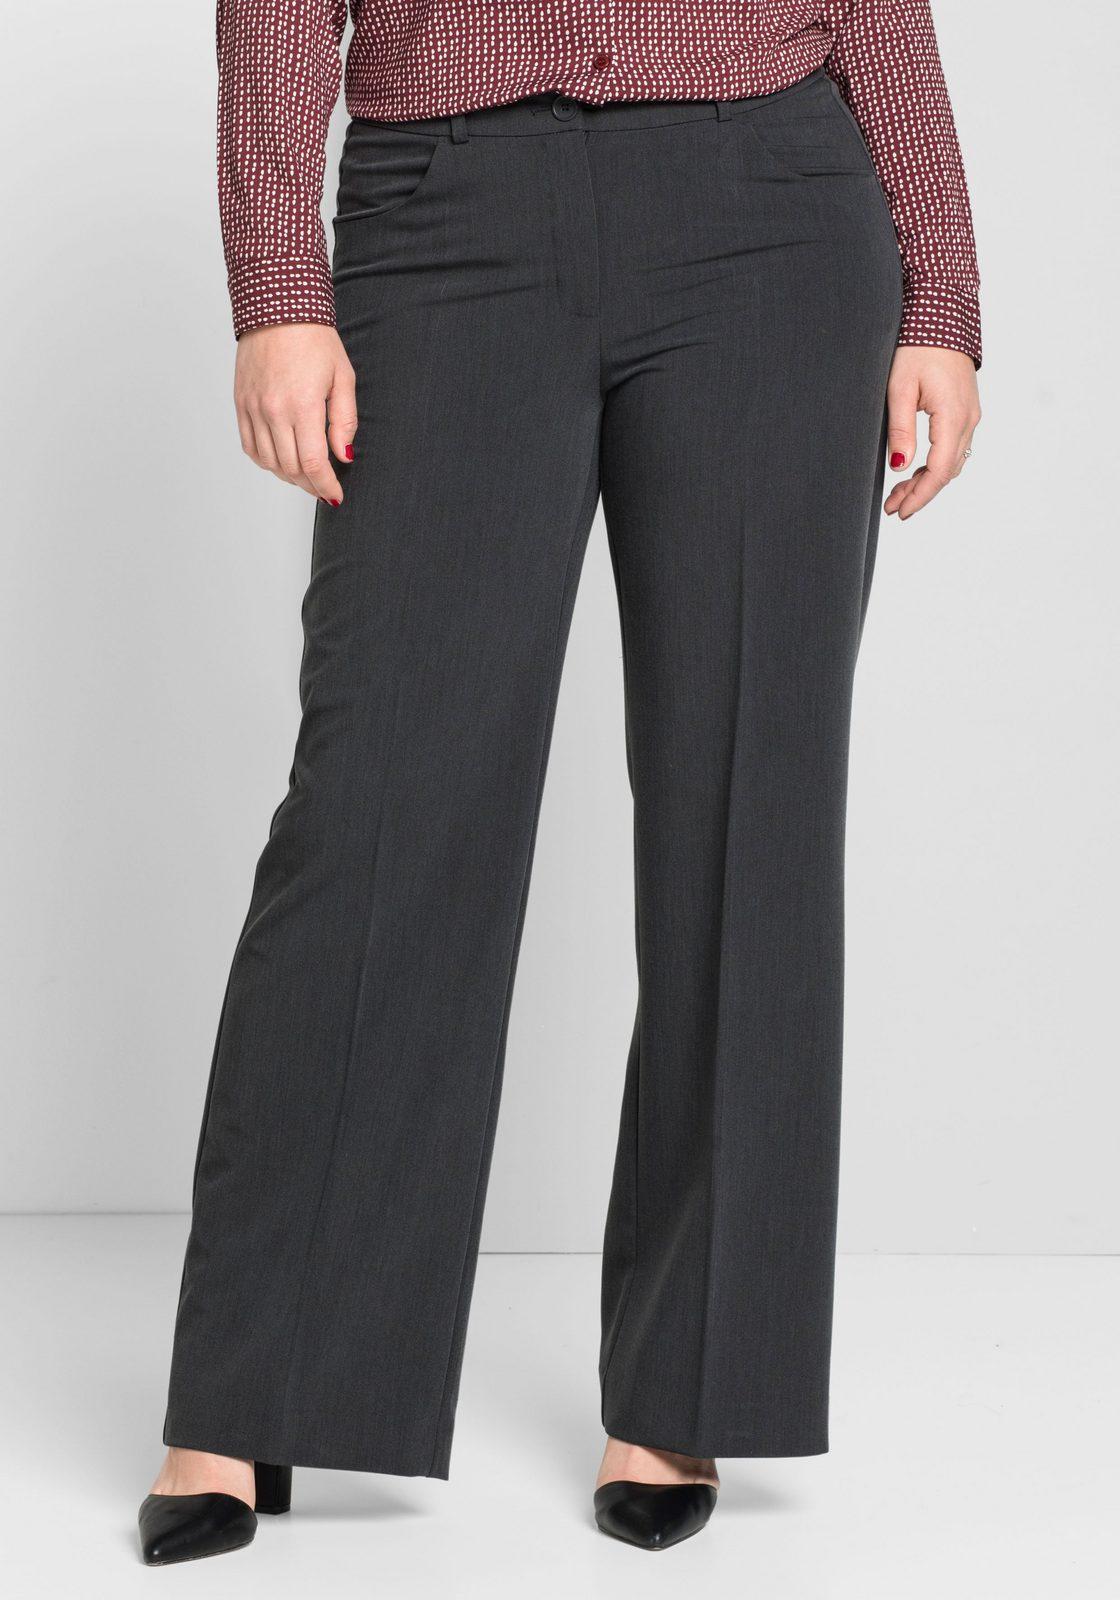 sheego Class Bügelfaltenhose, knitterarm;